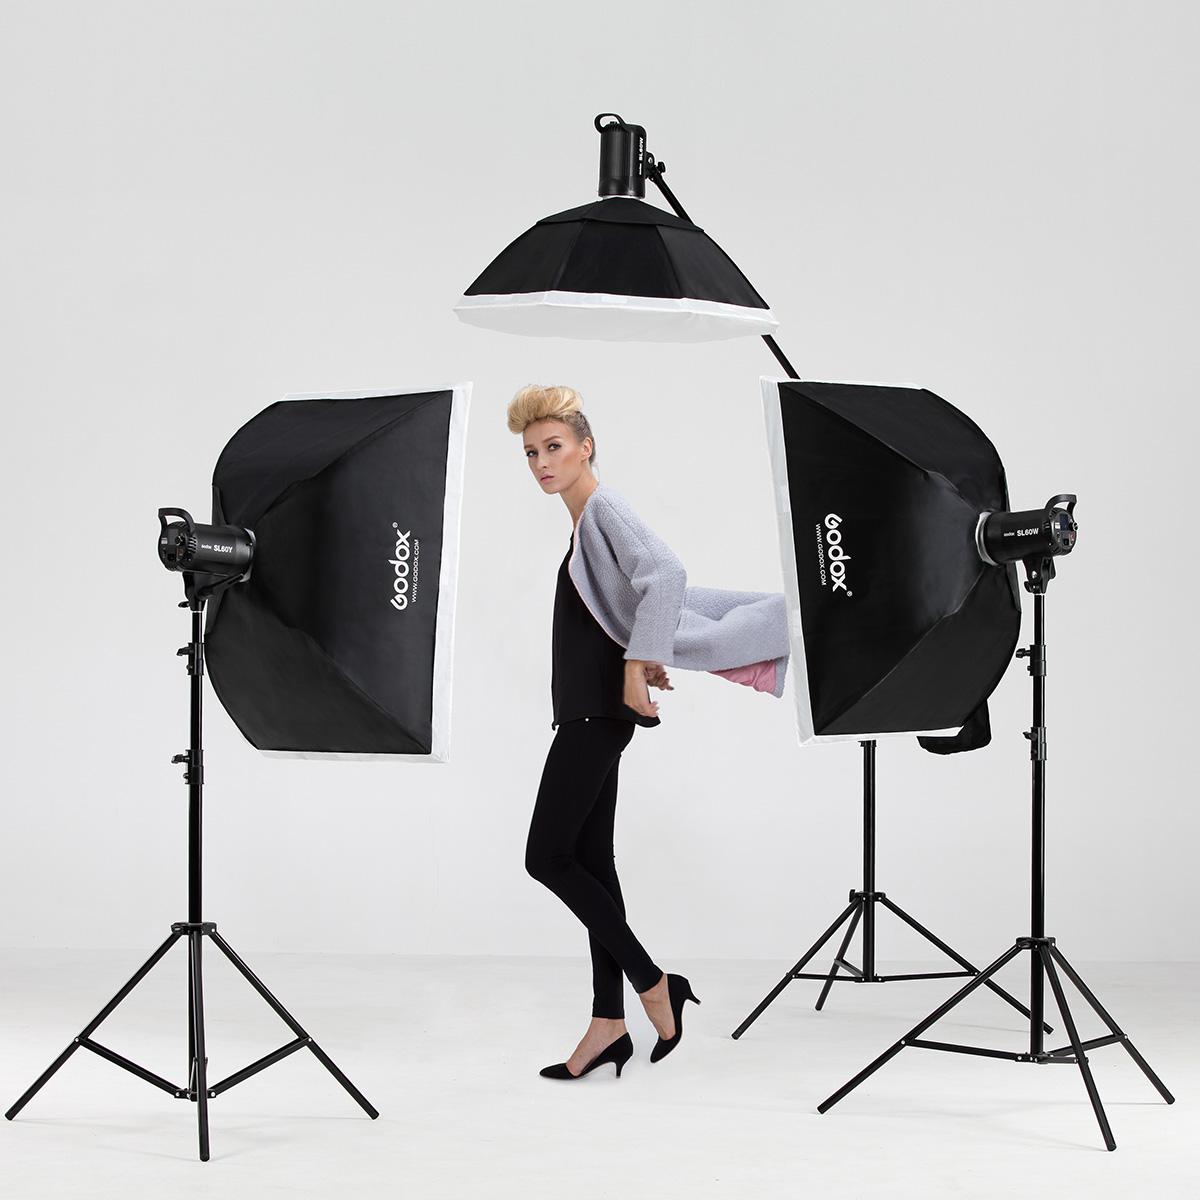 神牛sl60w太阳灯led摄影摄像常亮视频灯光 人像摄影棚三灯套装